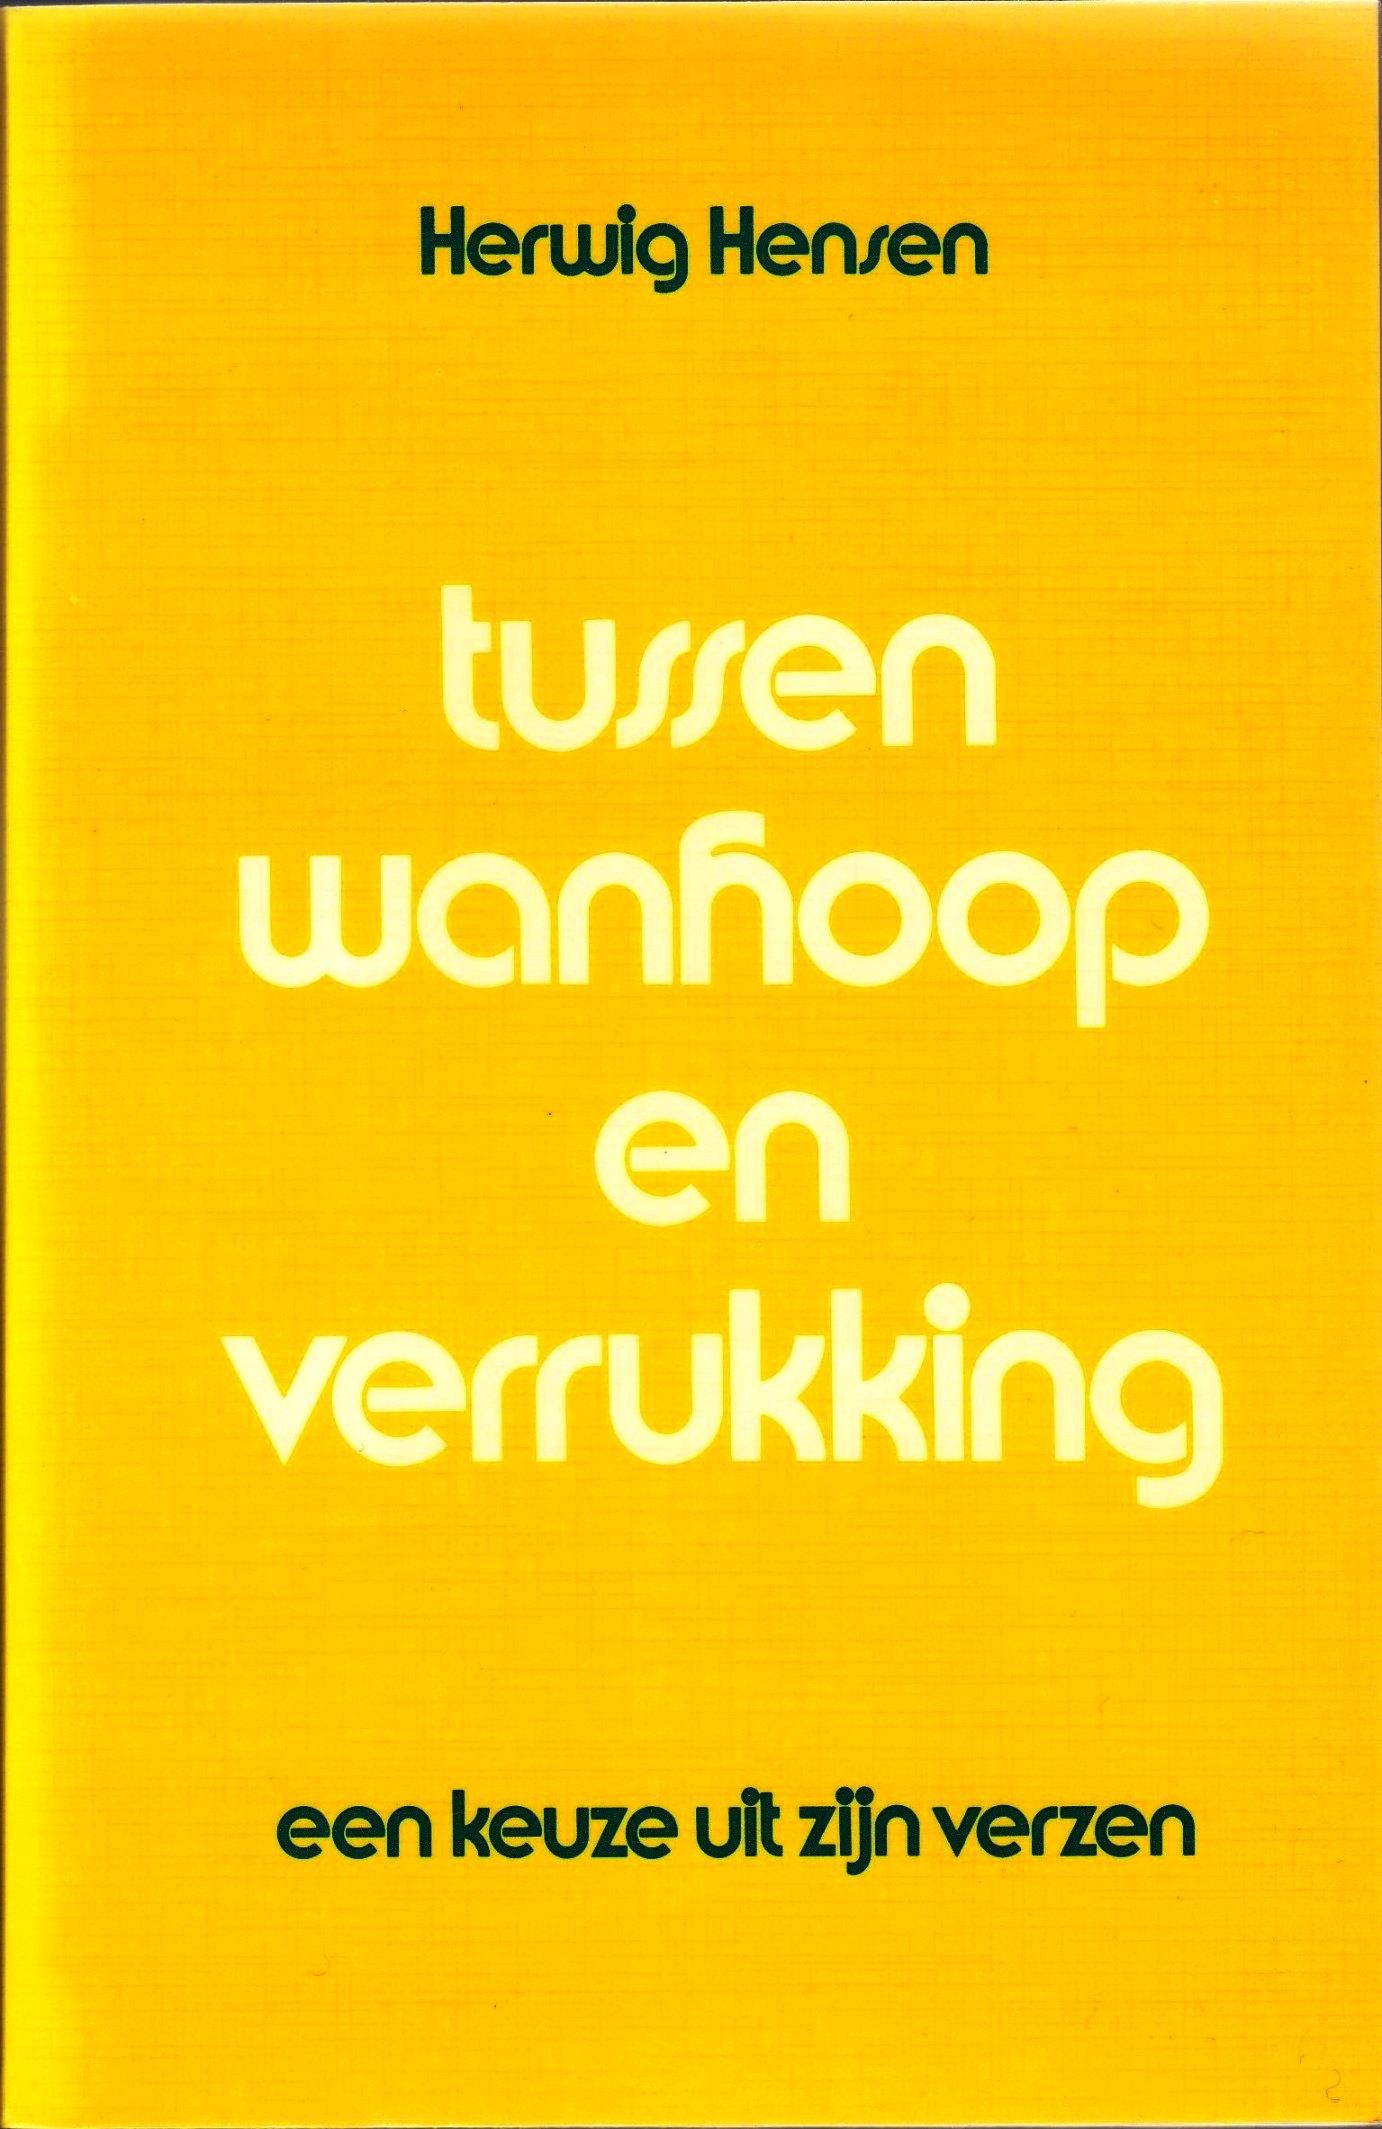 Geliefde Hensen, Herwig – Schrijversgewijs @QC03